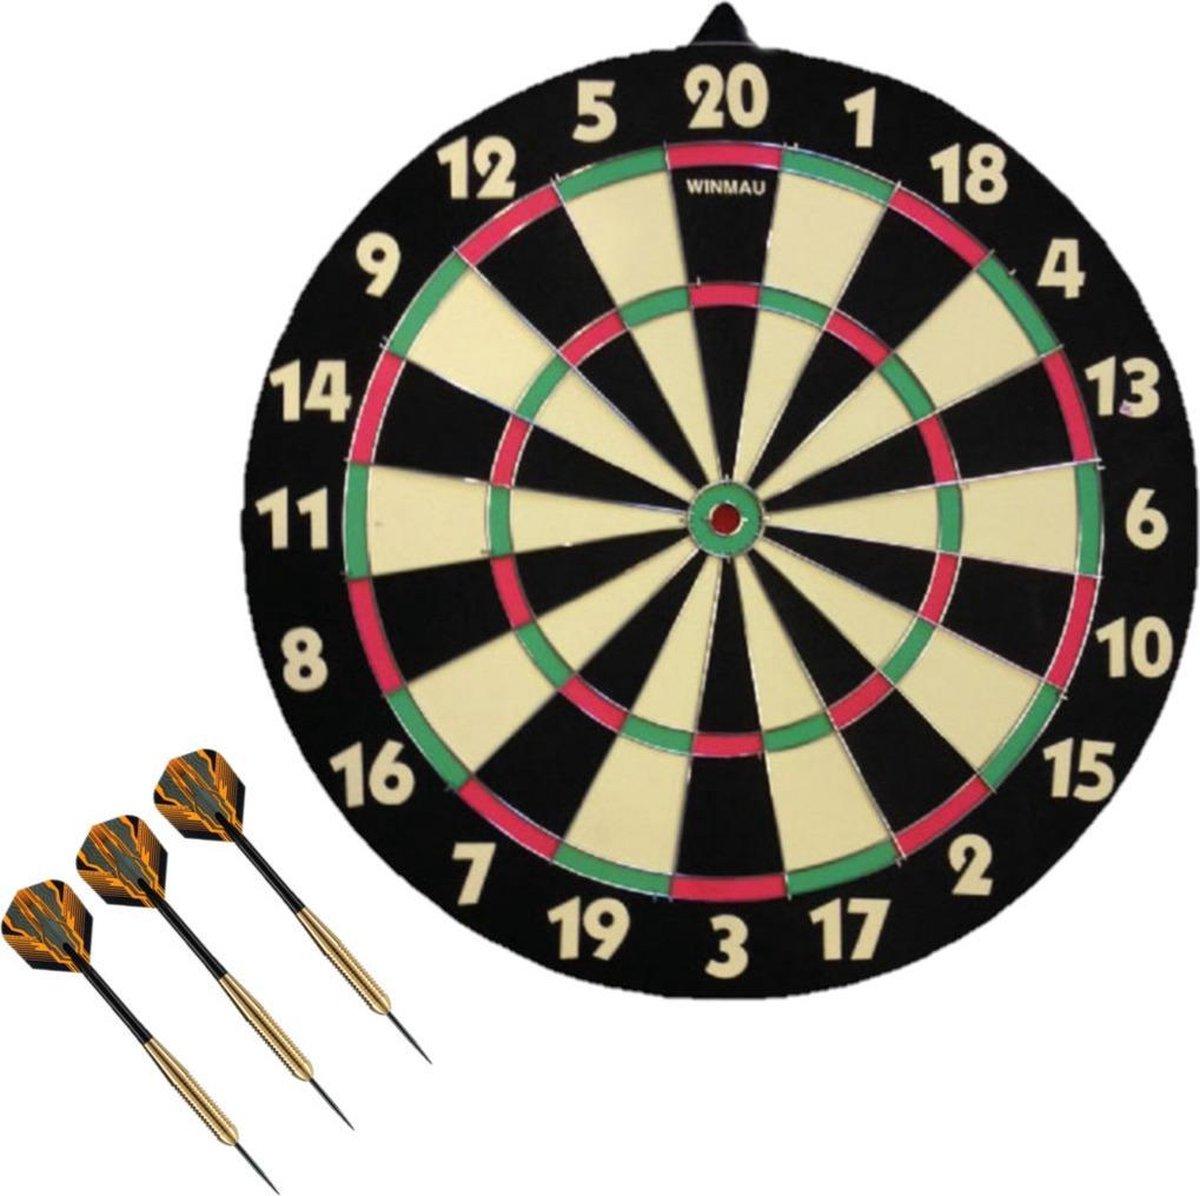 Dartbord dubbelzijdig 42 cm voor kinderen met 3x dartpijltjes van 19 gram - Dubbelzijdig, achterkant is schietschijf